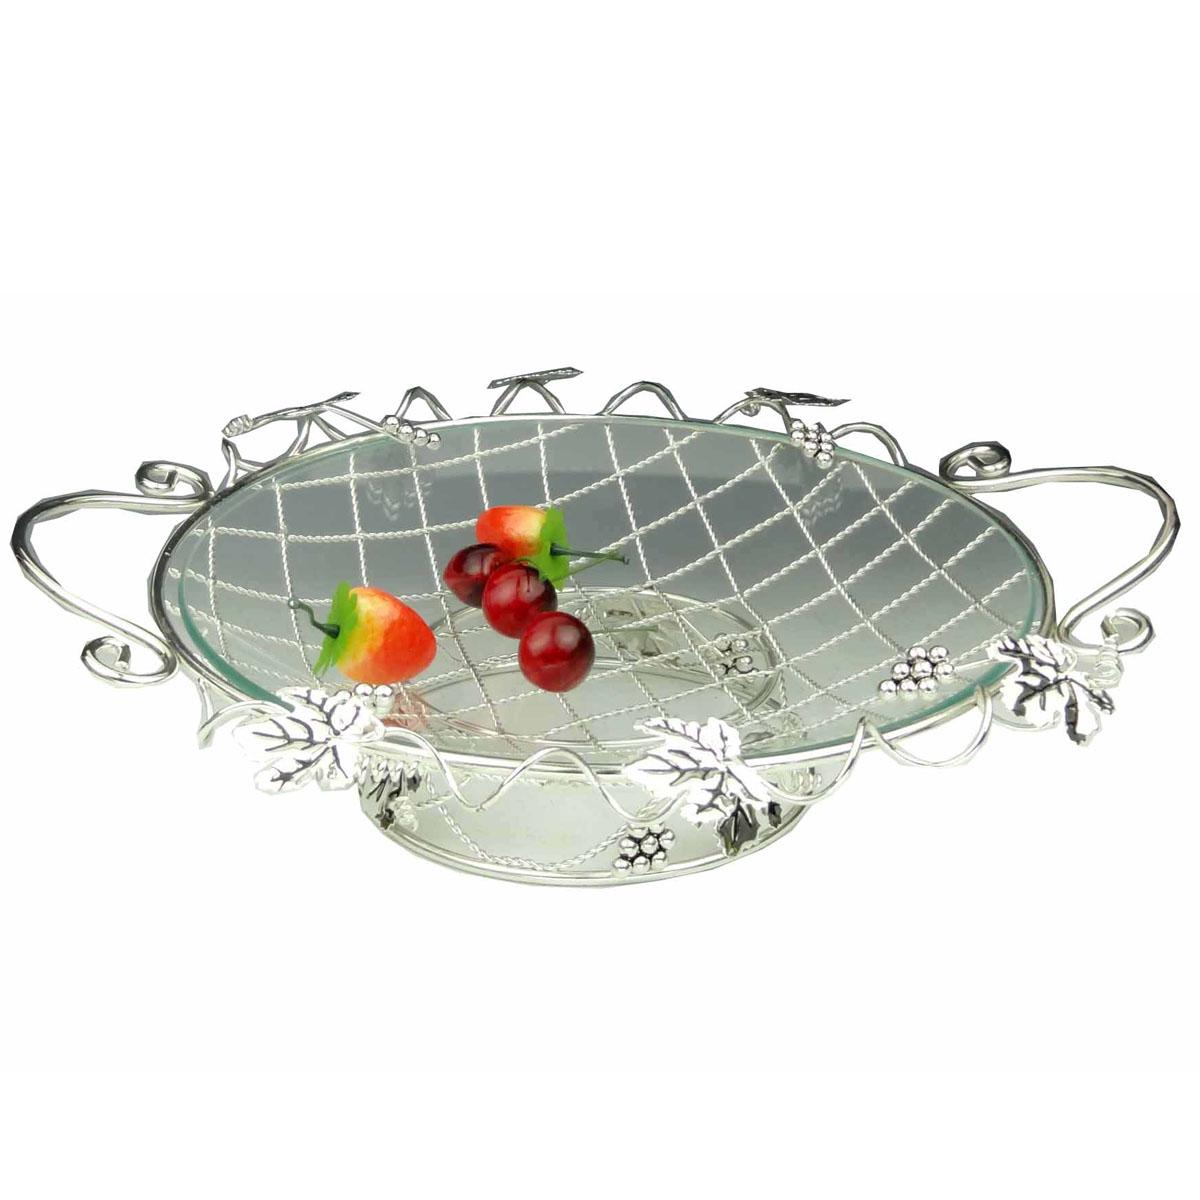 Ваза универсальная Marquis, диаметр 35 смVT-1520(SR)Универсальная ваза Marquis выполнена из стали с серебряно-никелевым покрытием и снабжена съемным круглым поддоном из прочного стекла. Стальная ножка обеспечивает устойчивость вазы. Ваза выполнена в виде плетеной стальной решетки, украшенной листьями и гроздьями винограда. По бокам имеются удобные ручки.Посуда может использоваться как фруктовница.Выполненная под старину, такая ваза придется по вкусу и ценителям классики, и тем, кто предпочитает утонченность и изысканность.Сервировка праздничного стола вазой Marquis станет великолепным украшением любого торжества. Характеристики:Материал: сталь, серебряно-никелевое покрытие, стекло. Диаметр вазы: 35 см. Диаметр вазы с учетом ручек: 40 см. Высота вазы: 9 см. Размер упаковки: 40 см x 38 см x 10 см. Артикул: 7013-MR.